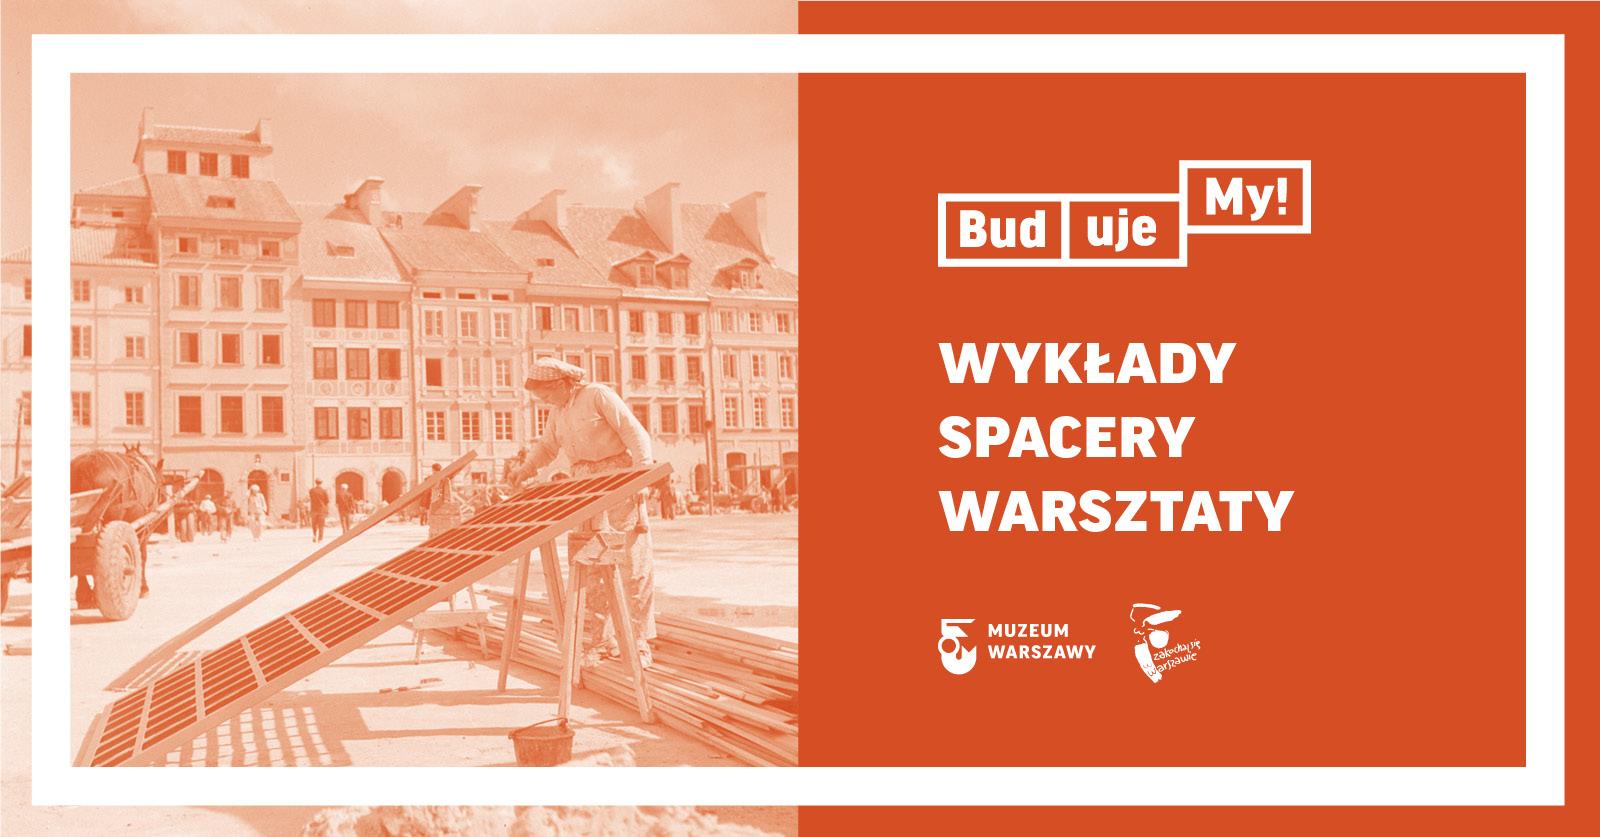 BudujeMY! Rocznica odbudowy Warszawy